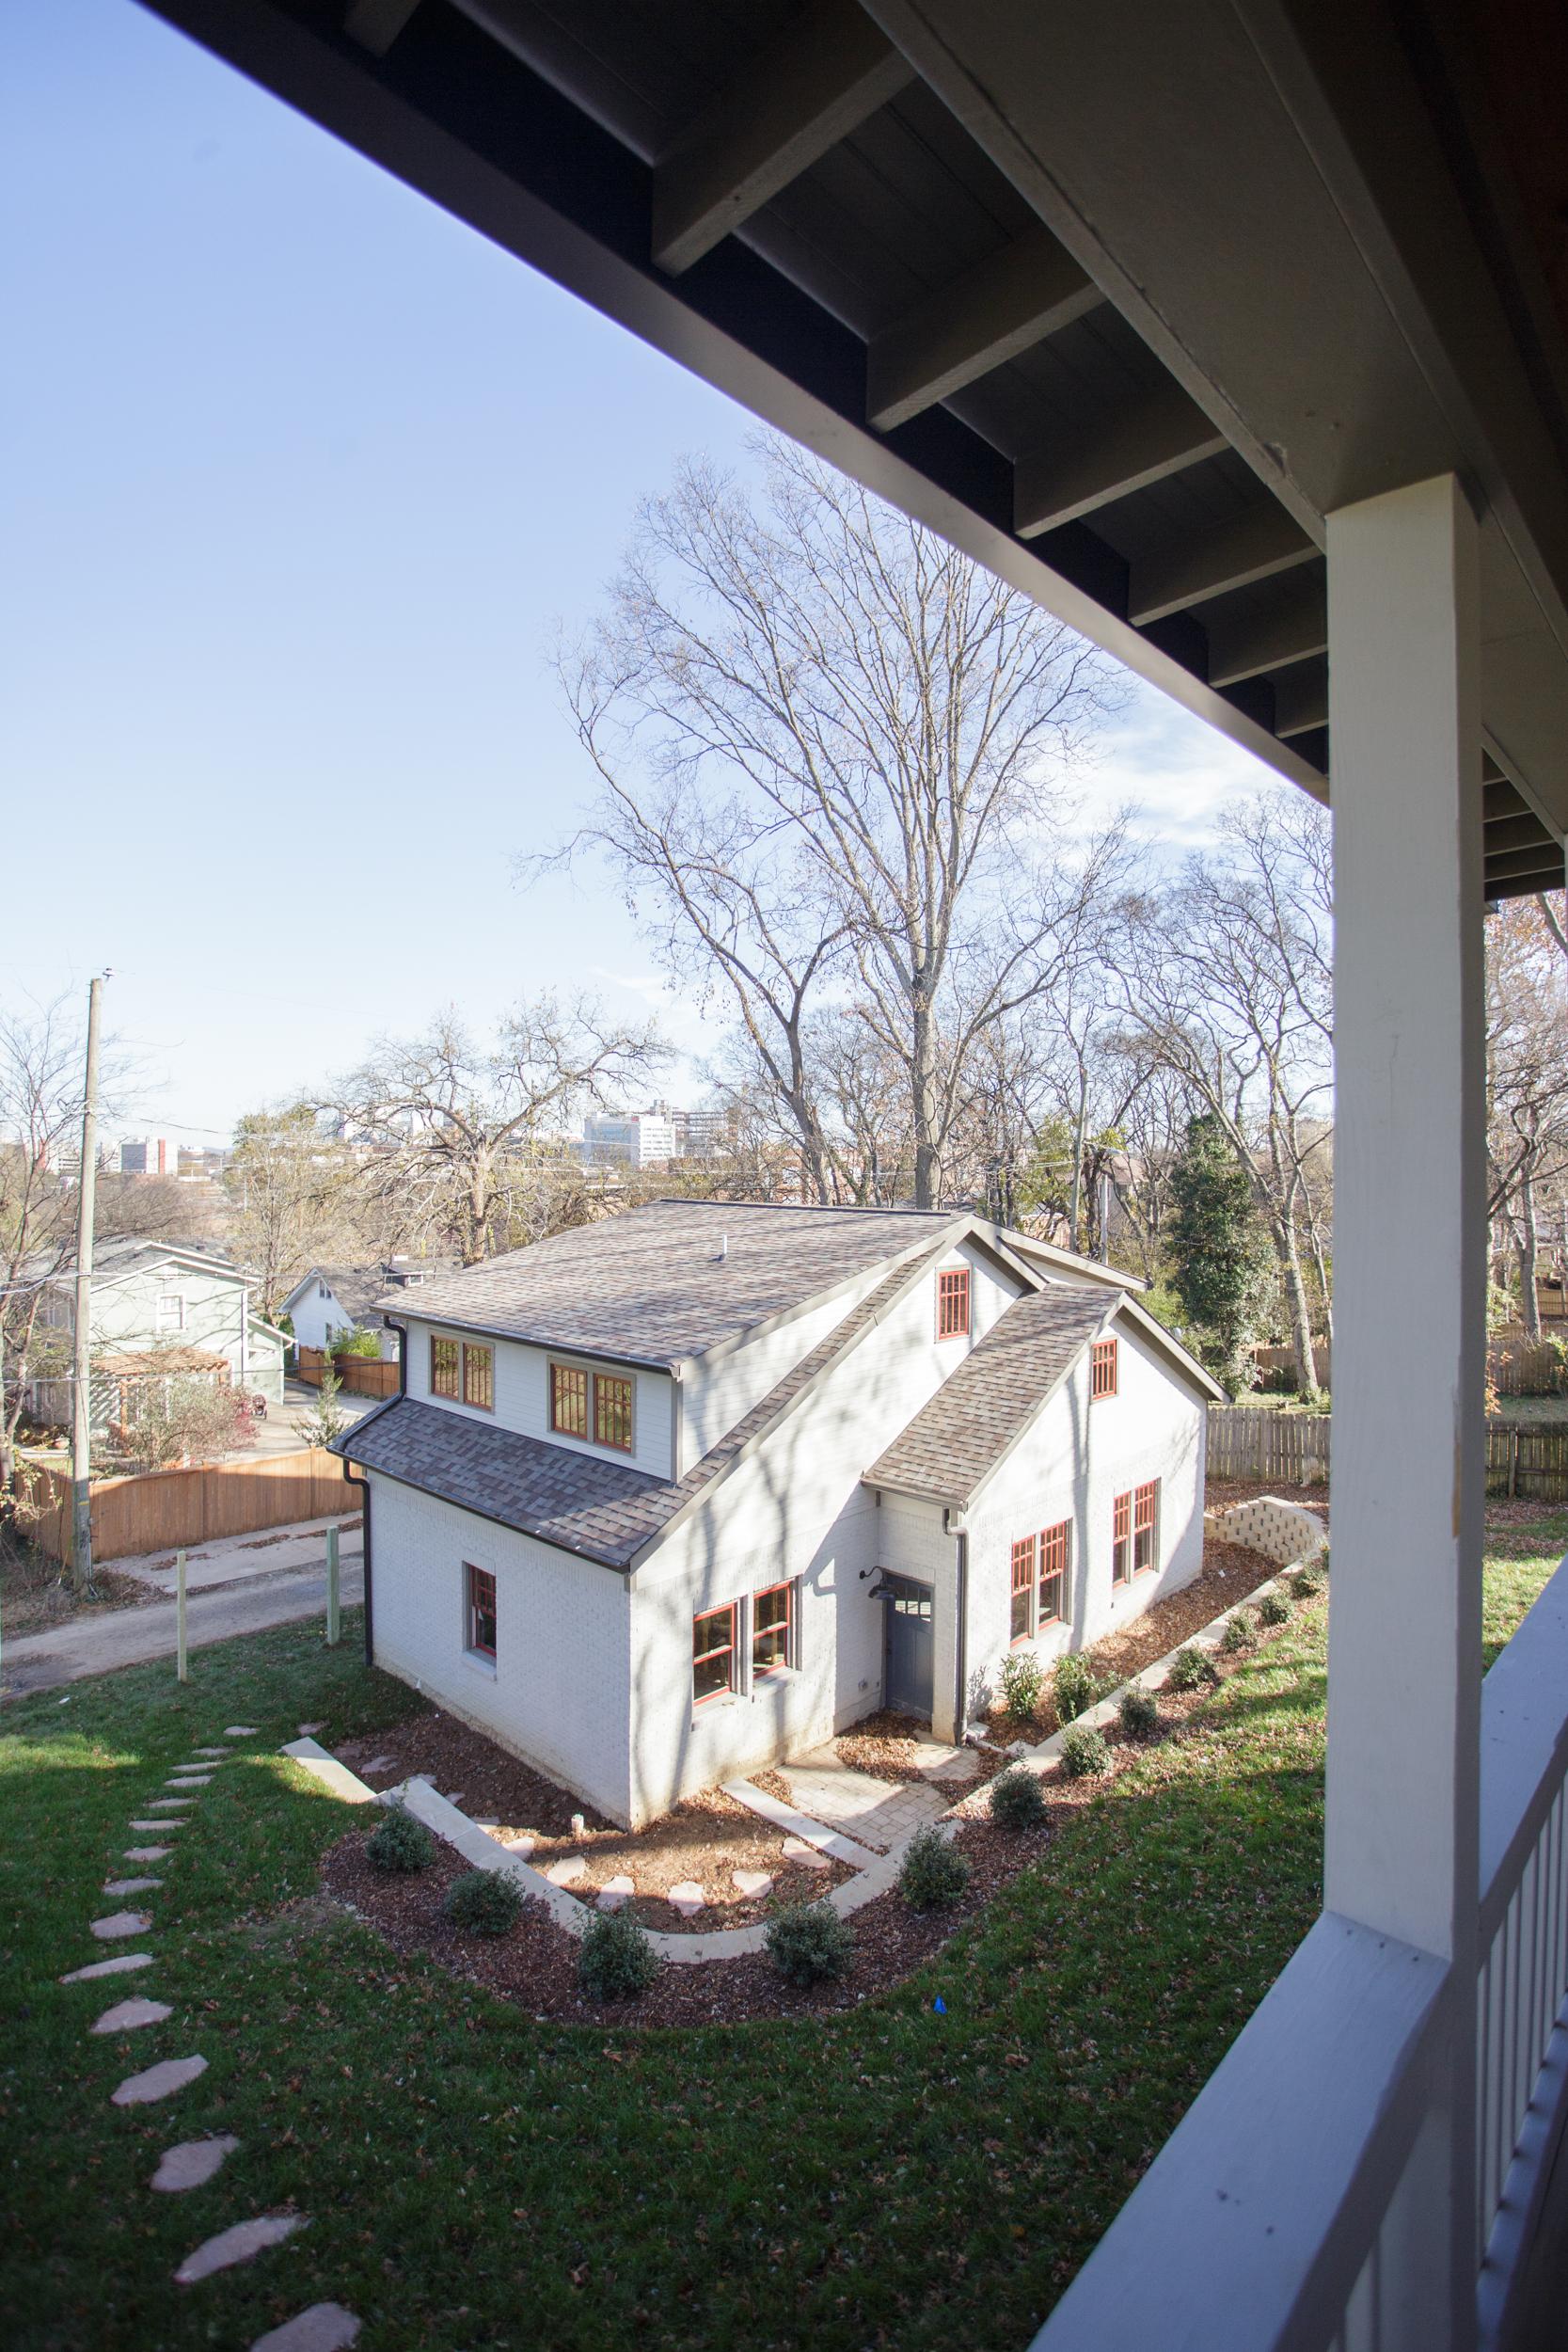 britt-development-group-nashville-tennessee-custom-home-builder-historic-renovation-0663.jpg